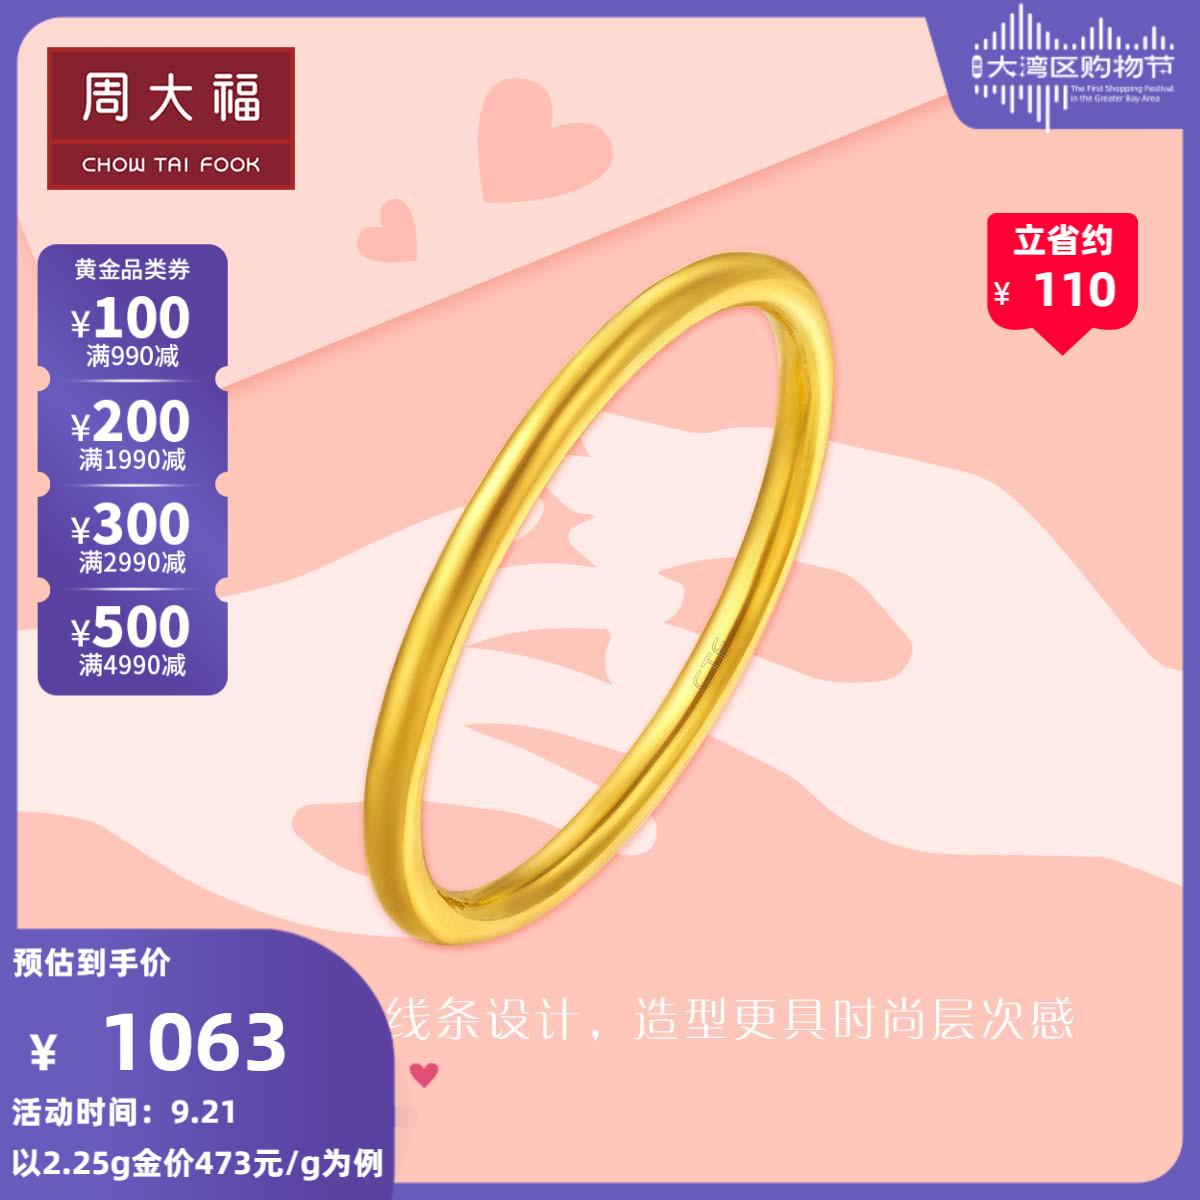 周大福珠宝首饰简约足金黄金素圈戒指计价EOF1精选